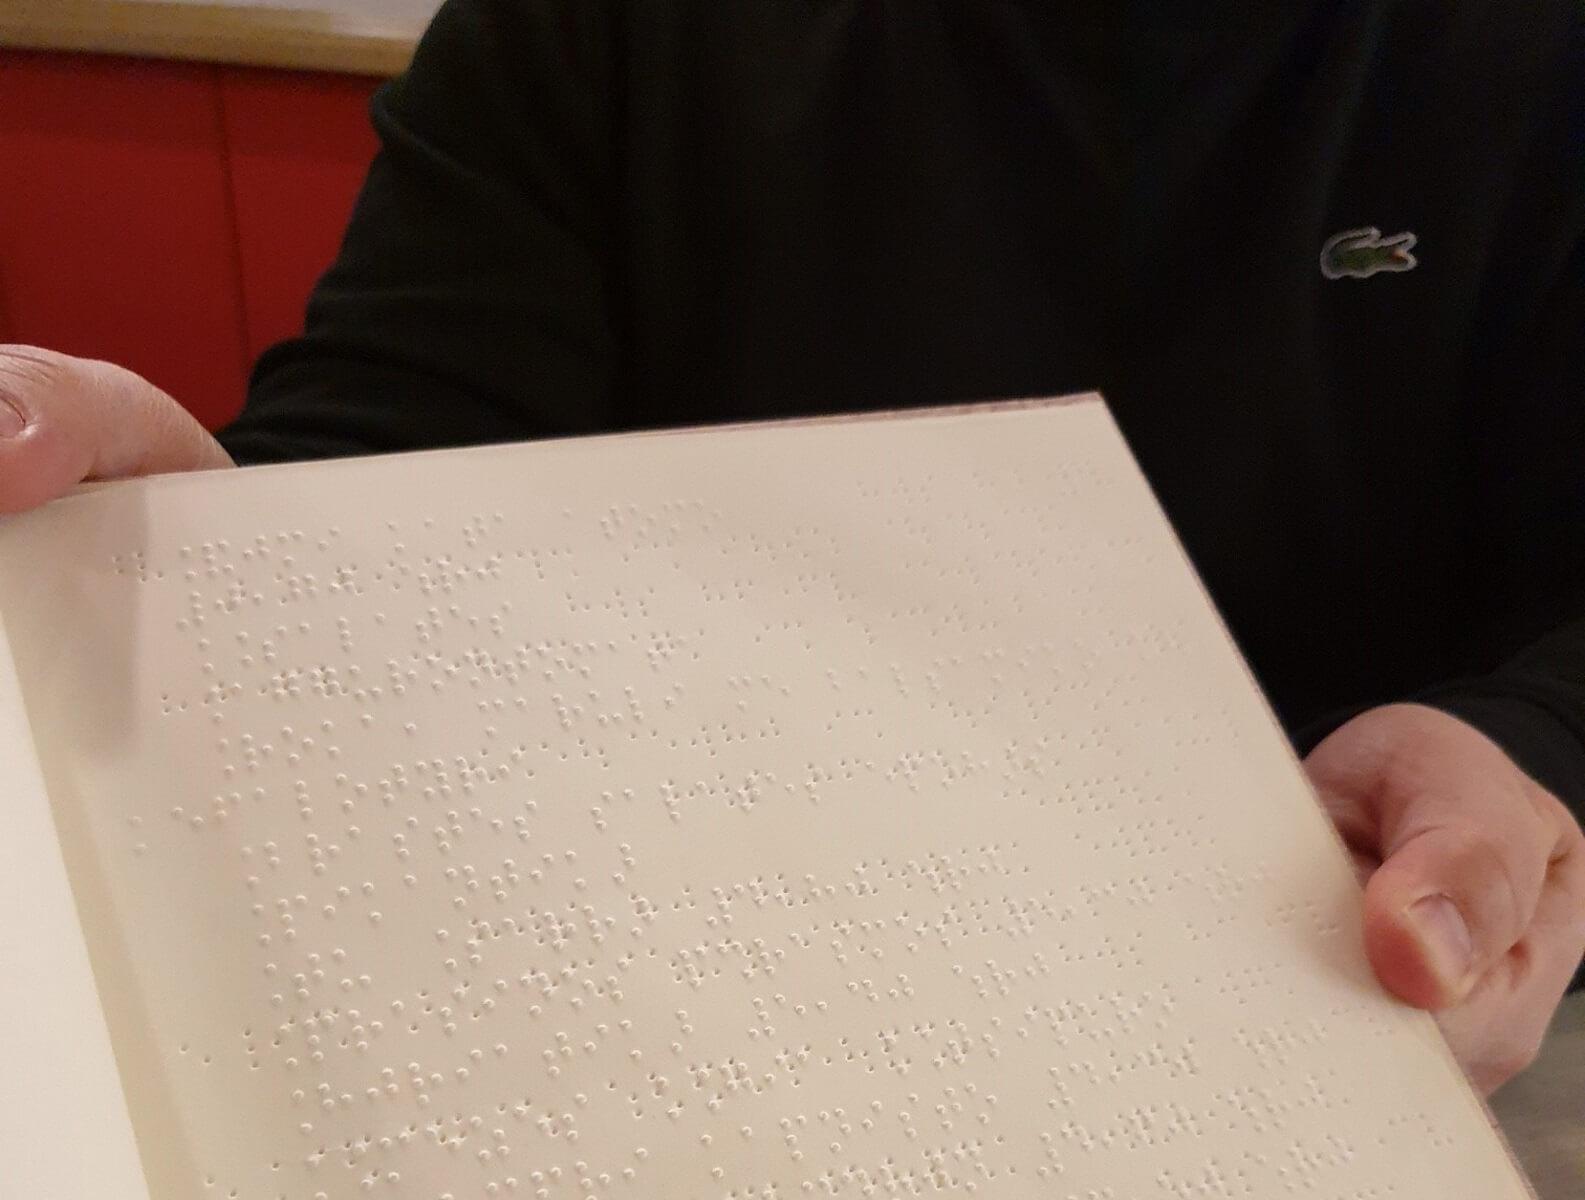 Καβάλα: Εστιατόριο προσφέρει το μενού του σε γραφή Μπράιγ